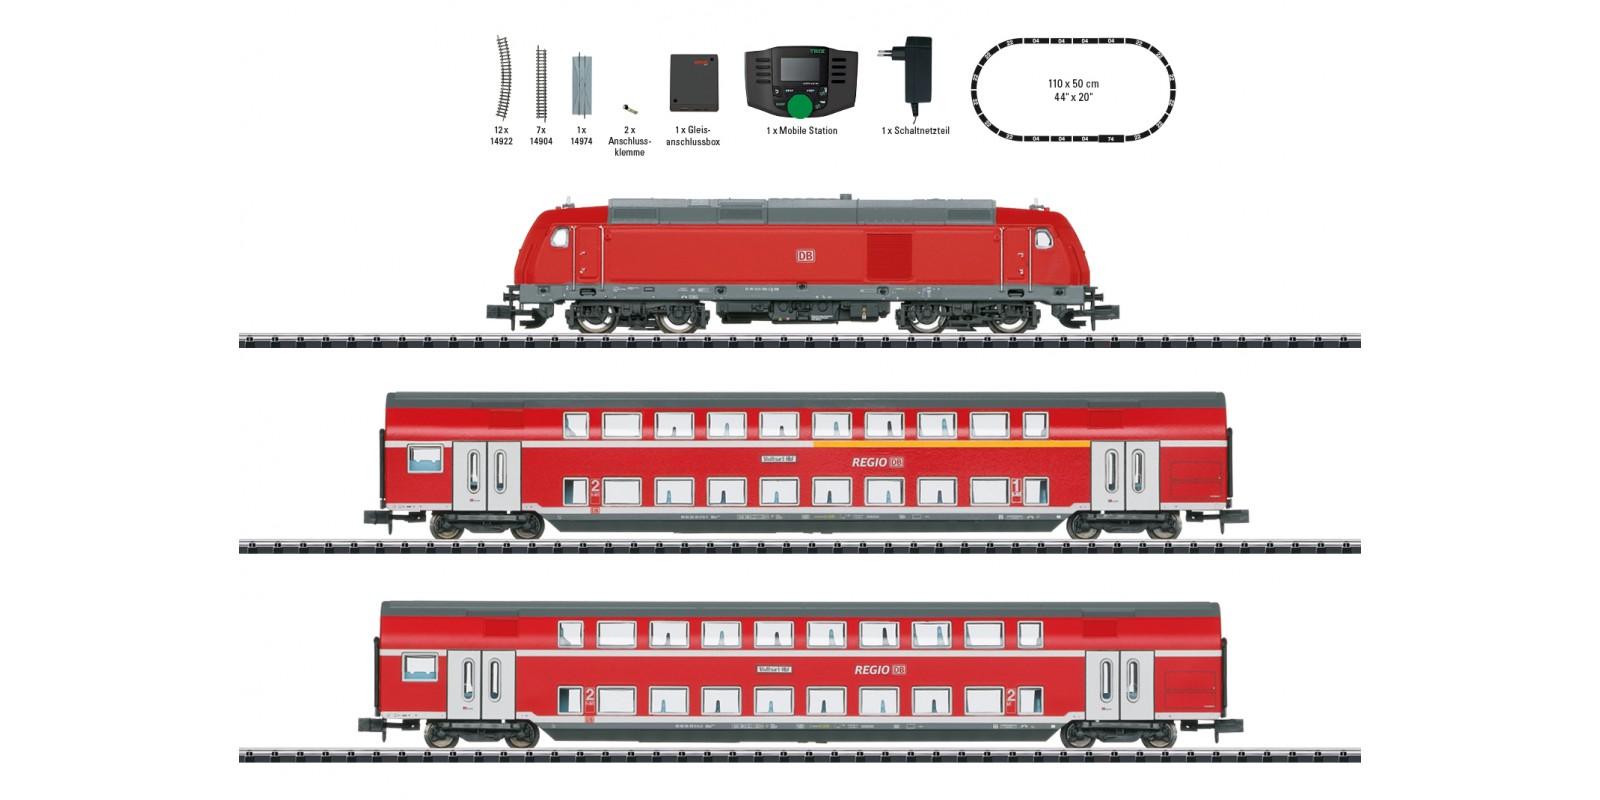 T11148 Regional Express Digital Star